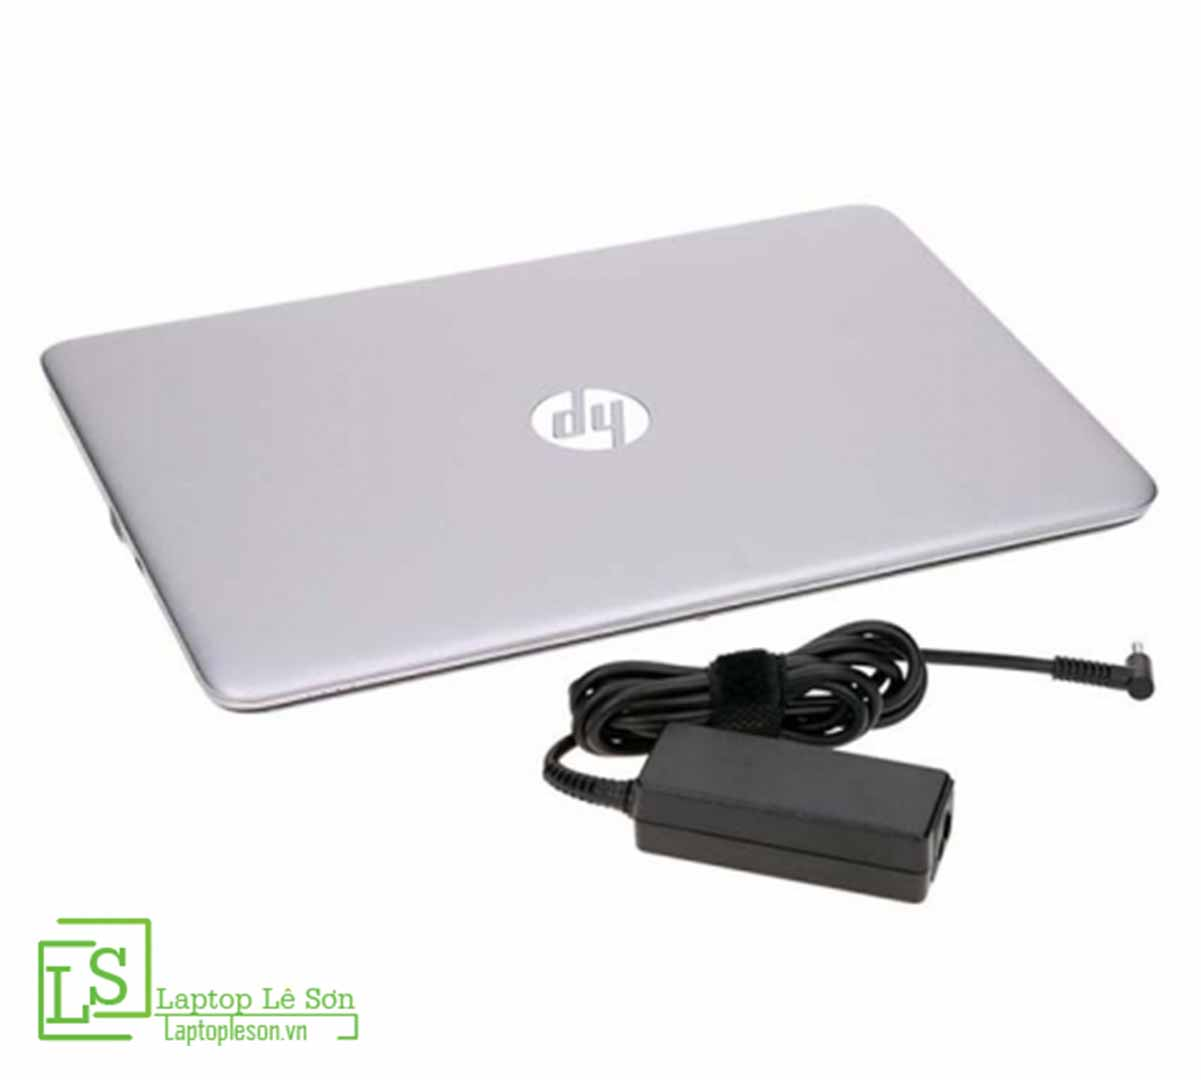 Laptop Lê Sơn HP Elitebook 840 G3 06 Laptop Lê Sơn